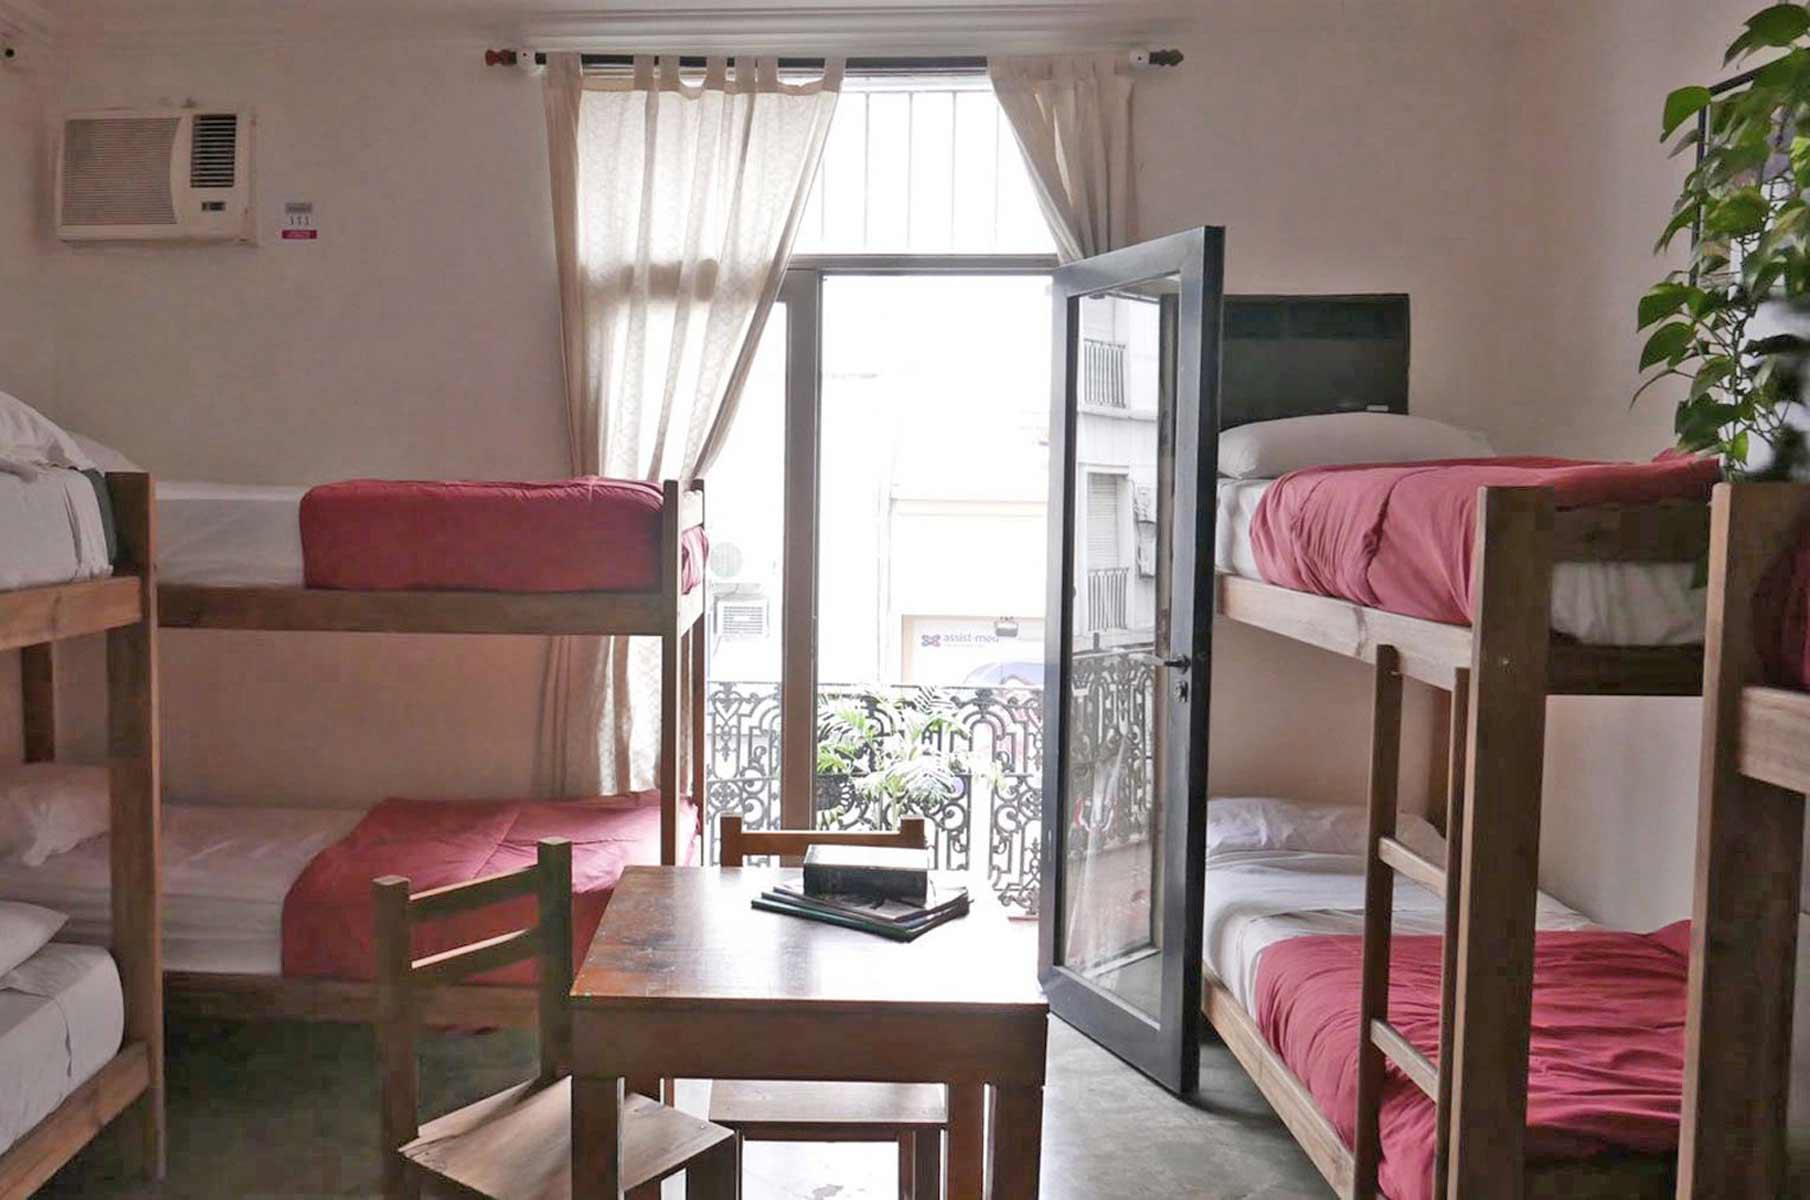 Shared dormitory